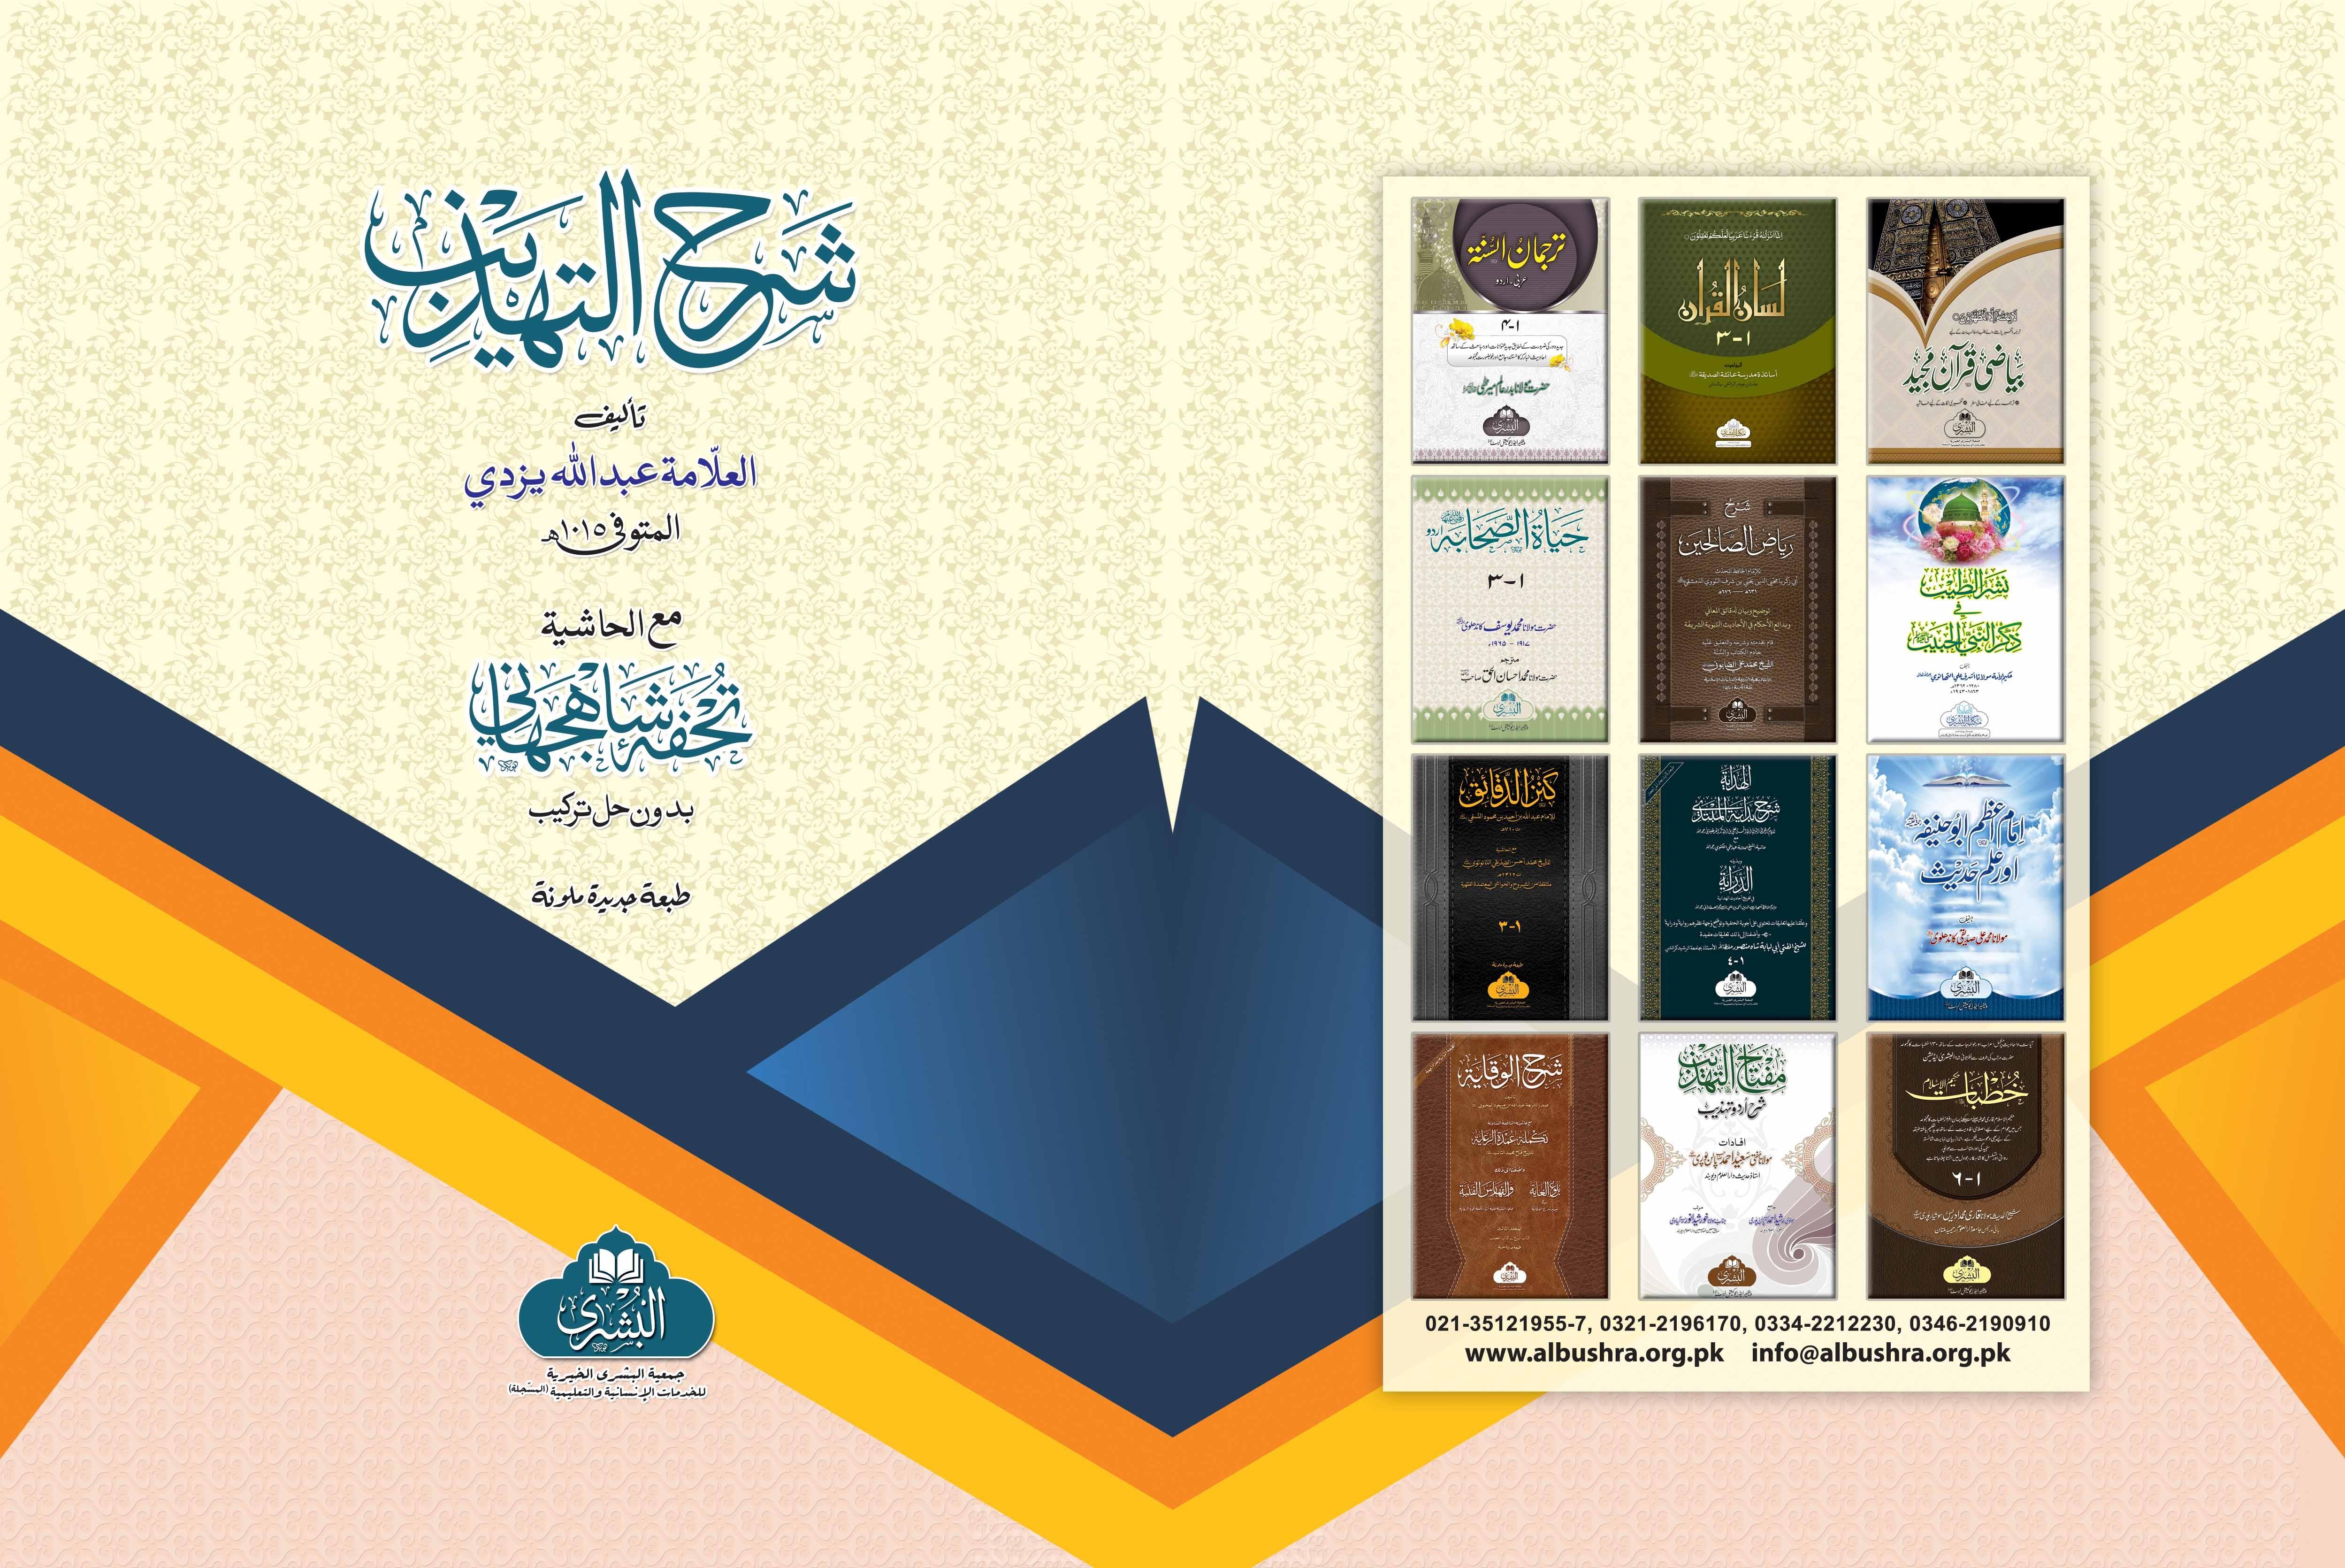 Meftah-ul-Tehzeeb (Sharah Urdu Tehzeeb)